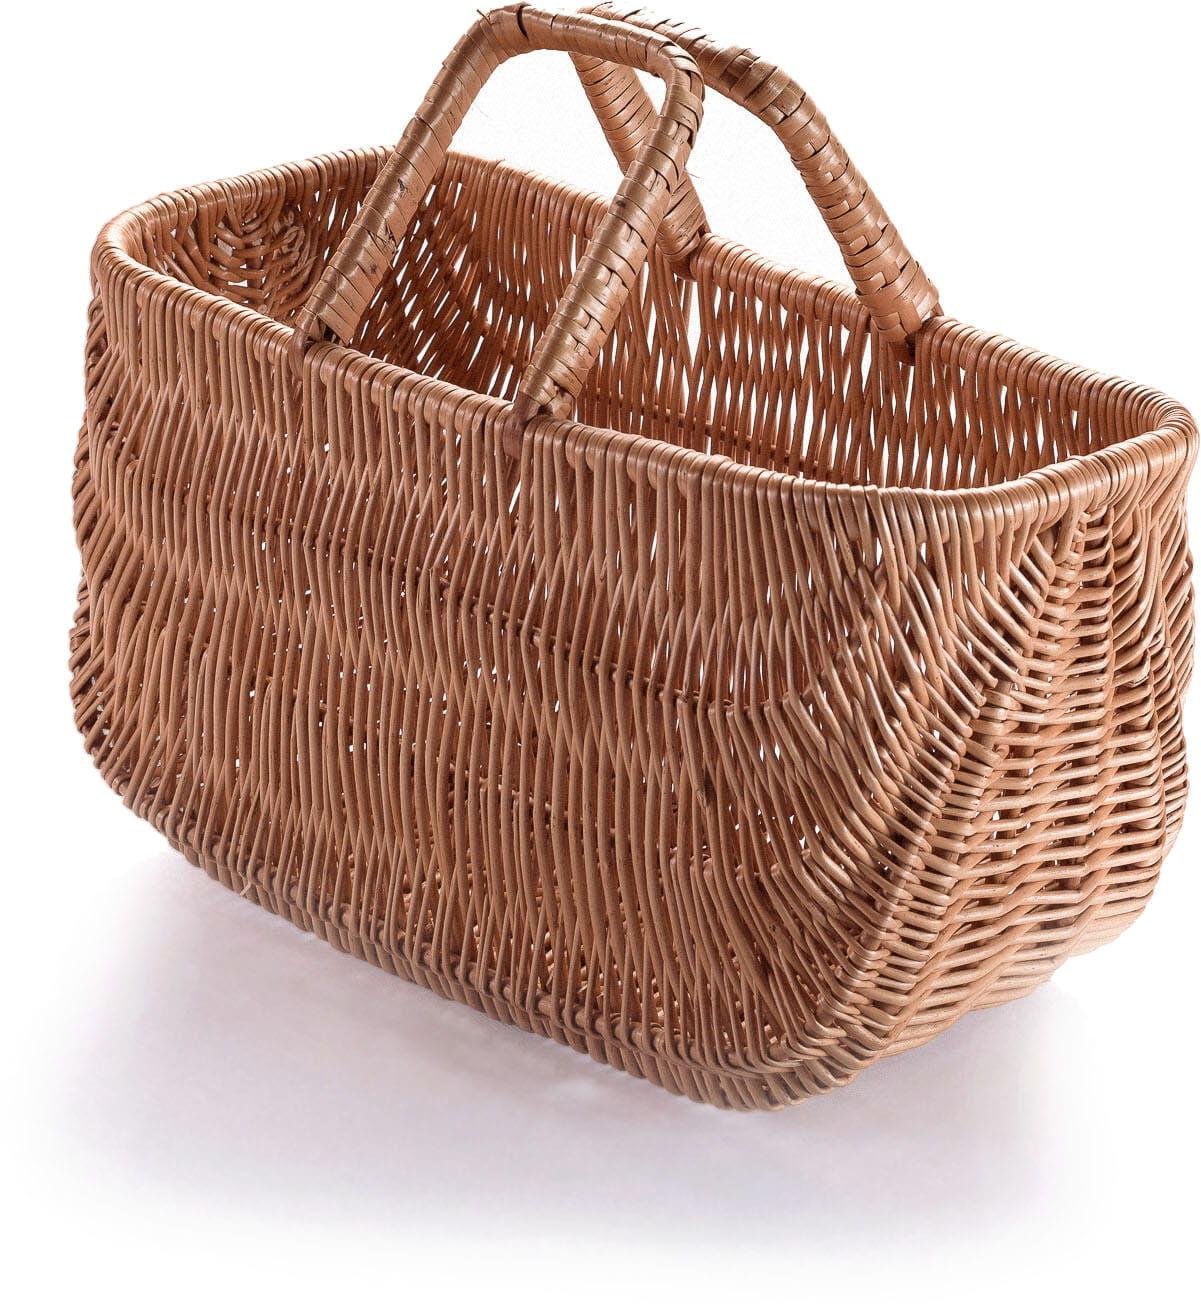 Torba eko wiklinowa koszyk torebka